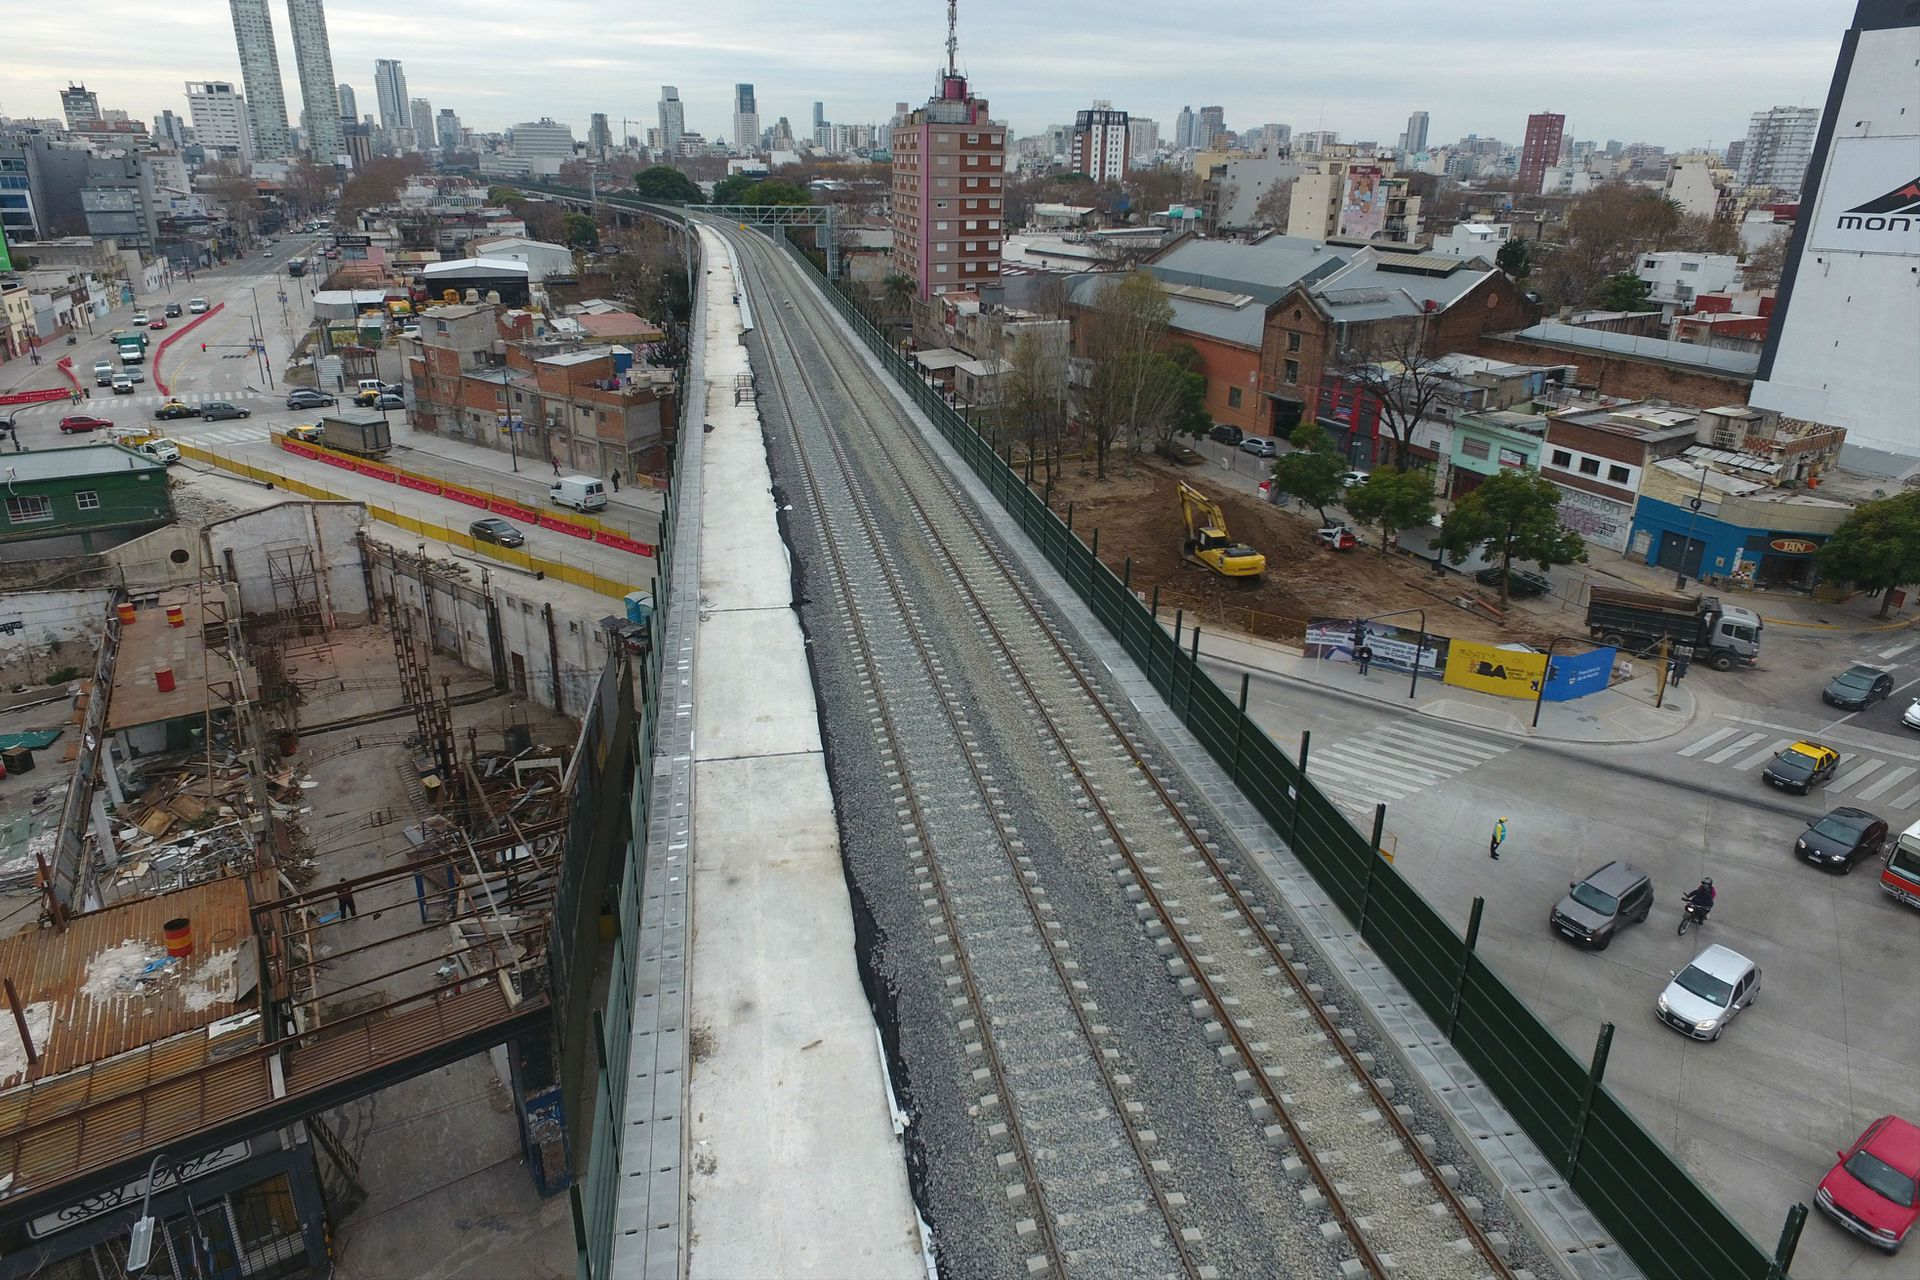 El viaducto conecta a los barrios